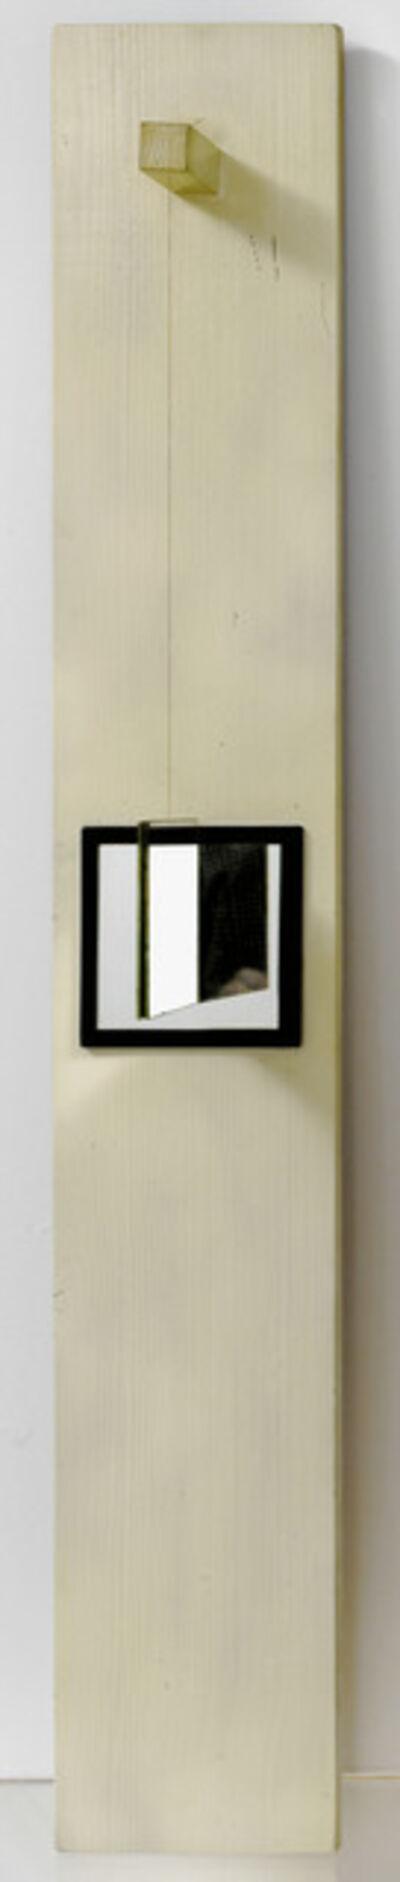 Christian Megert, 'Kinetisches Spiegelobjekt', 1966